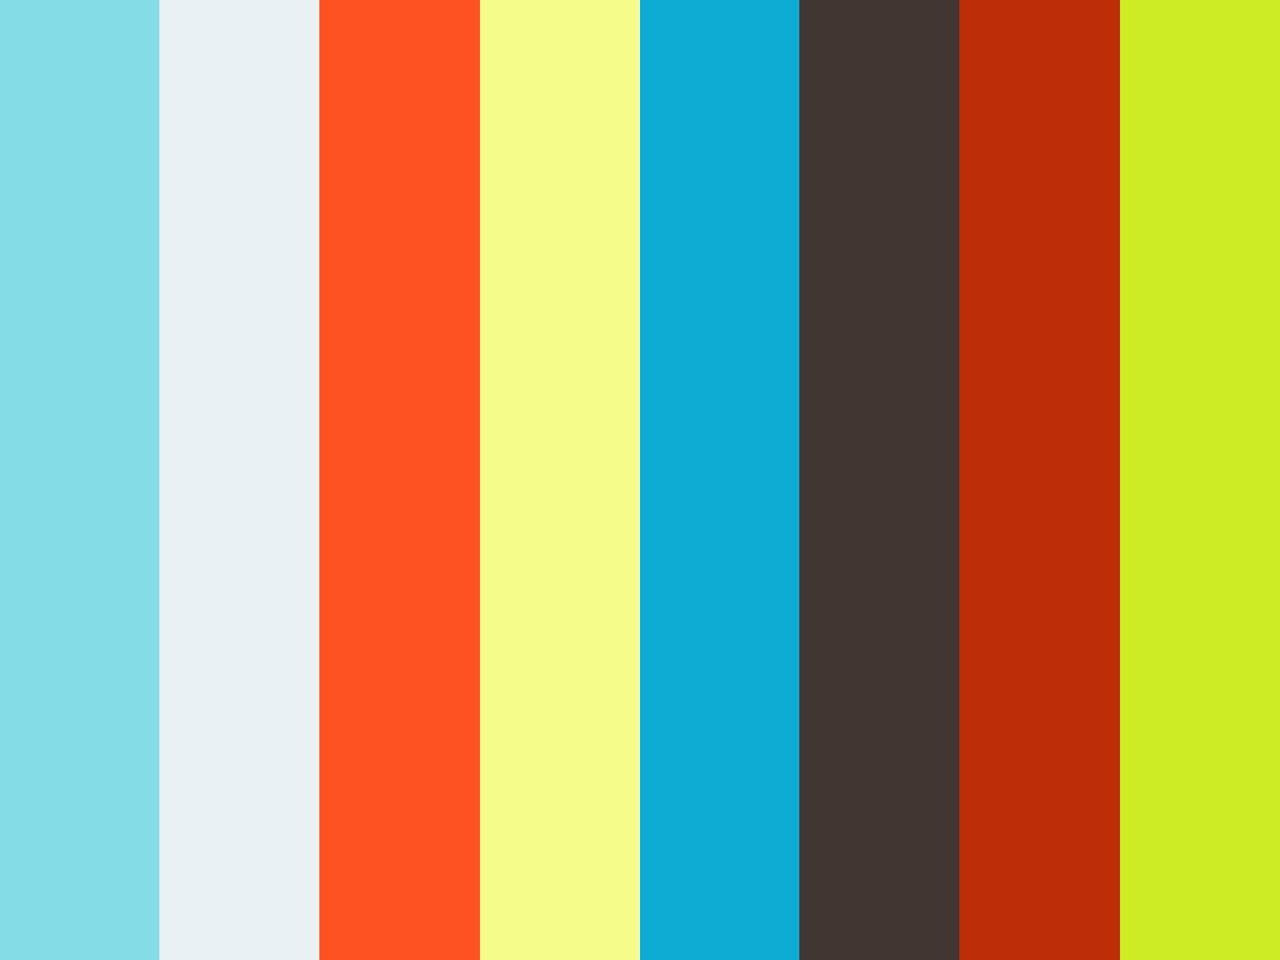 Imagem principal da aula Aplicação com Diferentes tipos de Tecidos